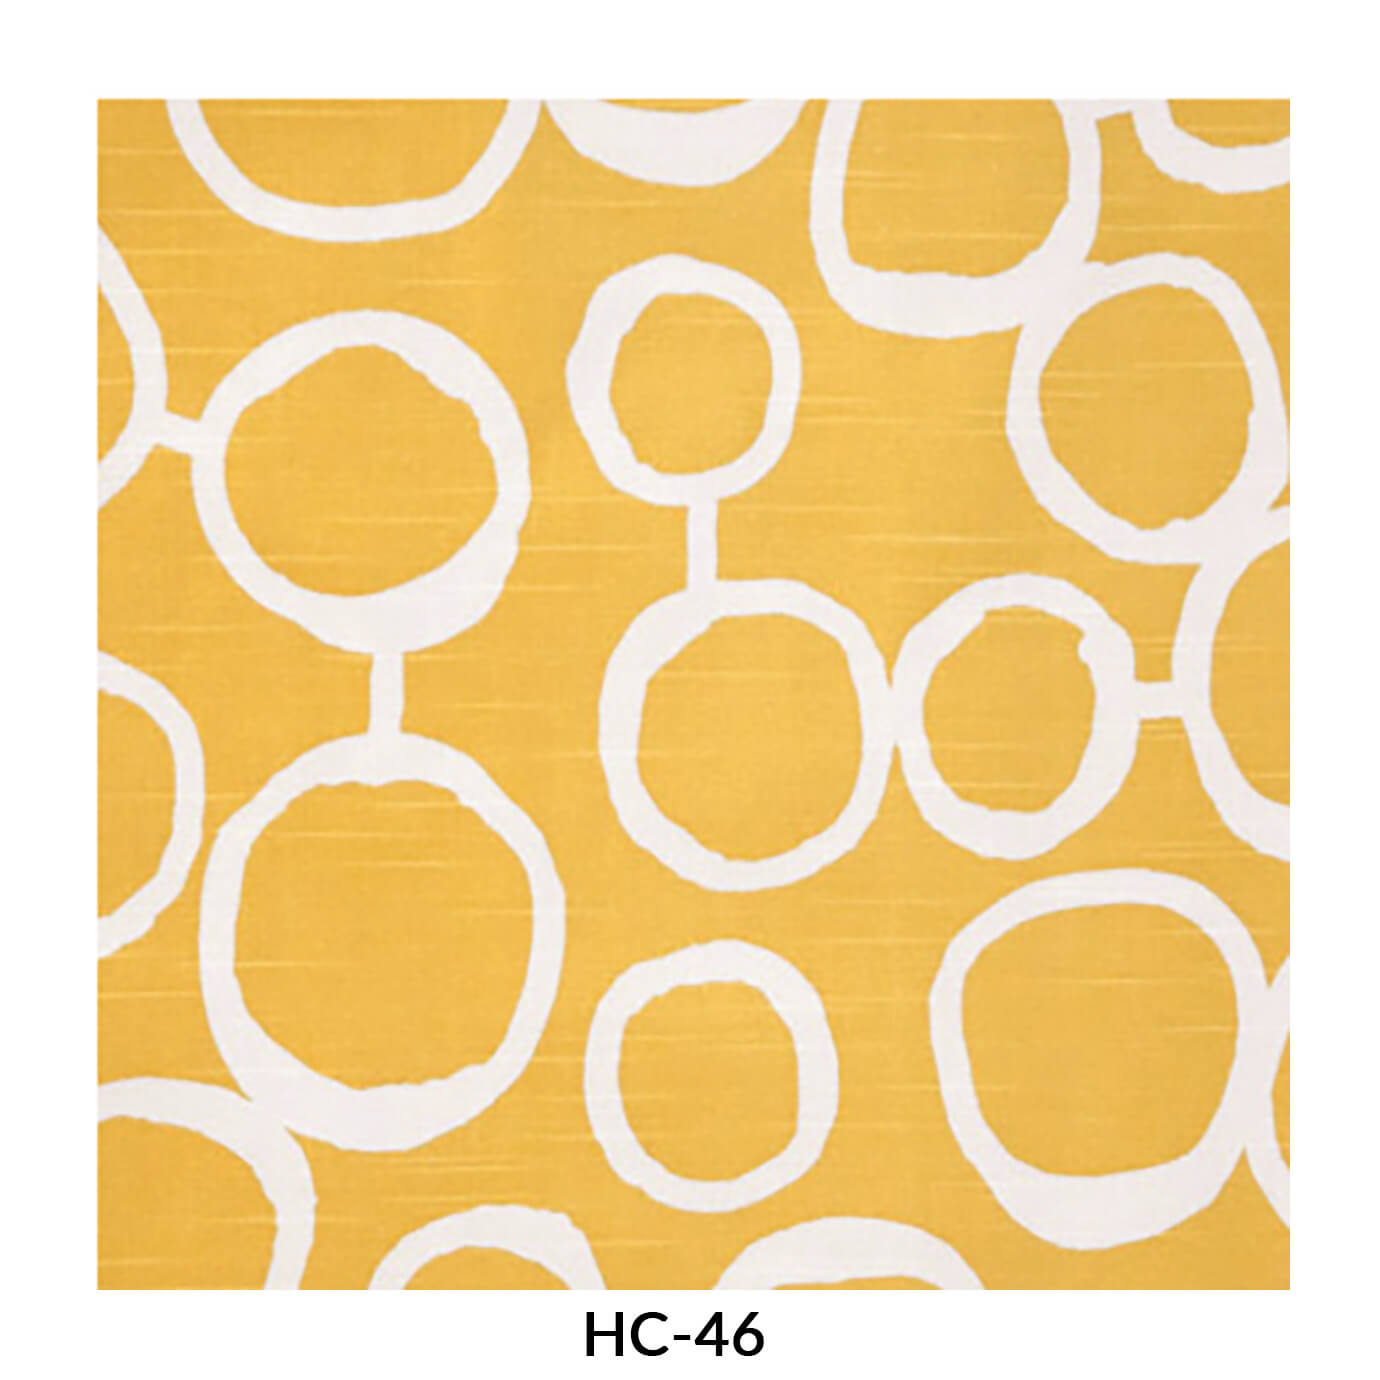 hc46.jpg